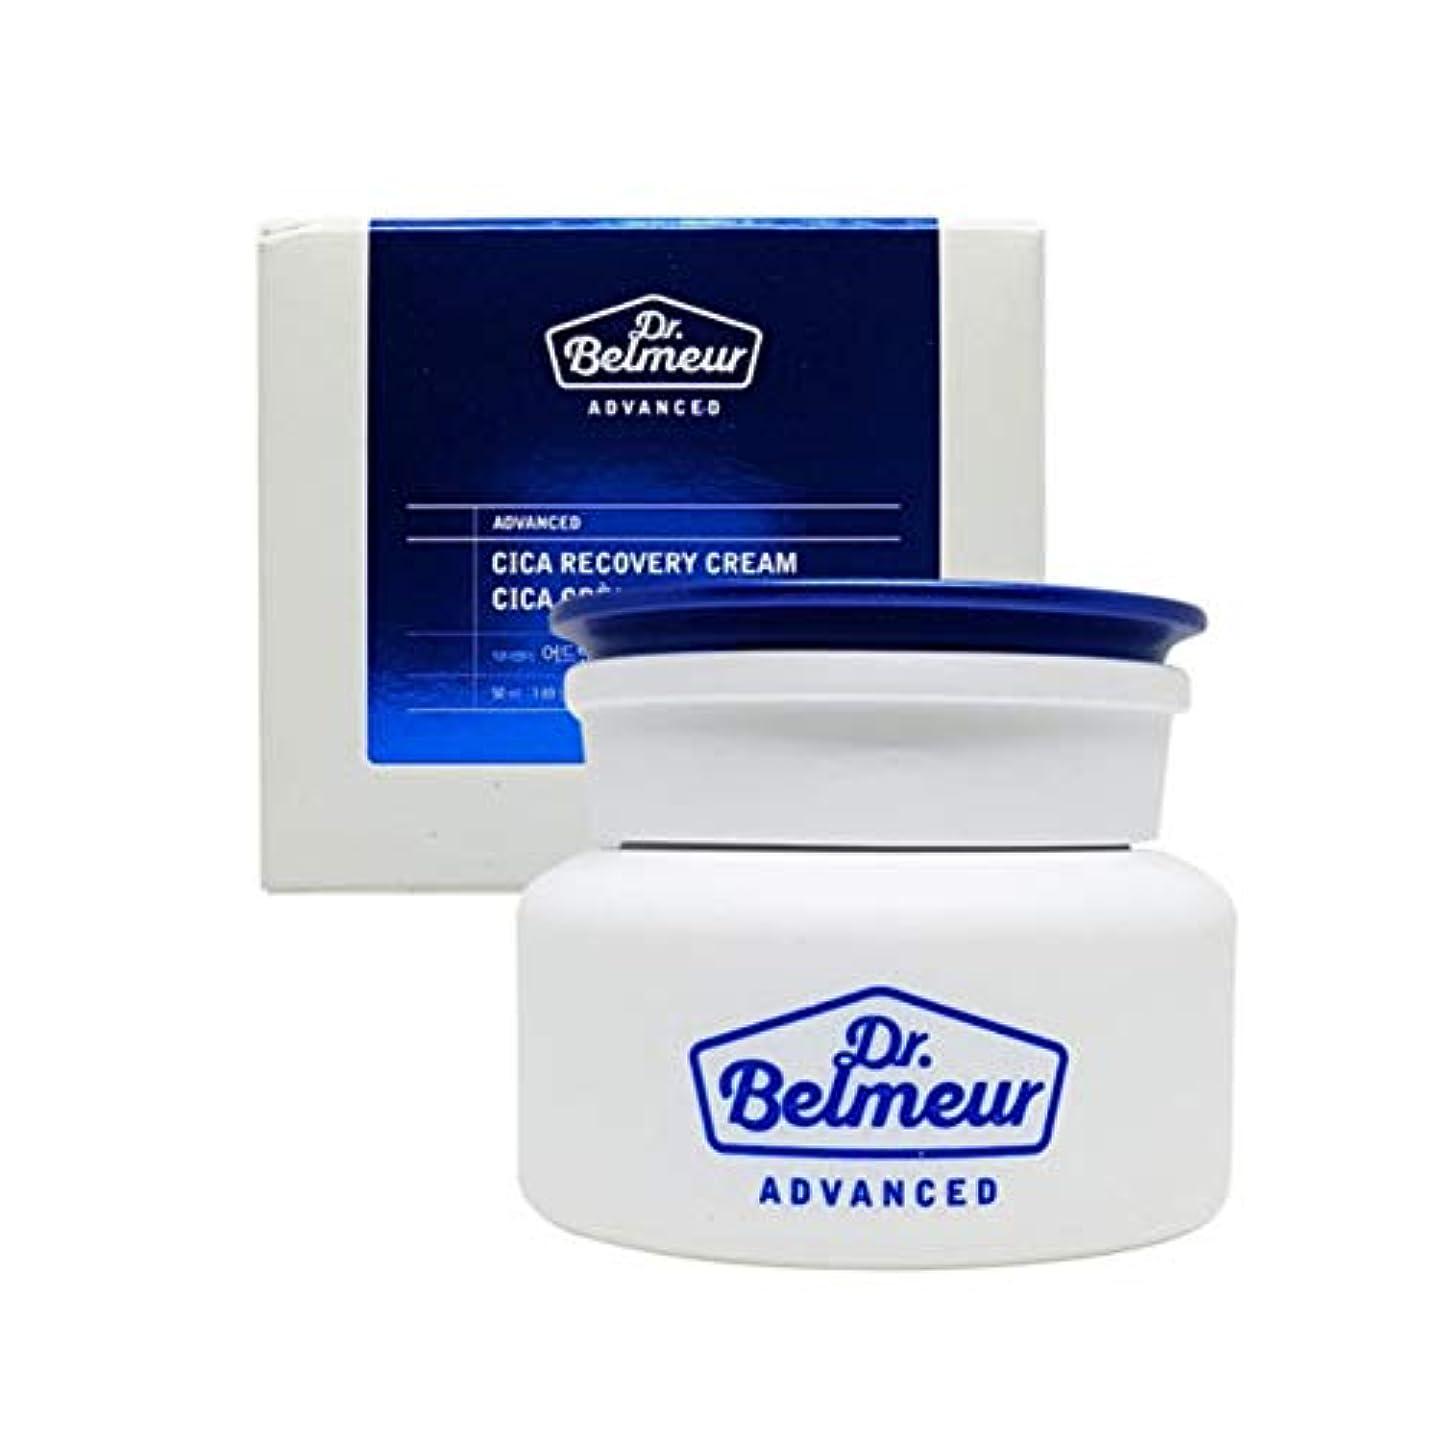 飼い慣らすゴミ熱ザ?フェイスショップドクターベルモアドバンスドシカリカバリークリーム50ml 韓国コスメ、The Face Shop Dr.Belmeur Advanced Cica Recovery Cream 50ml Korean...